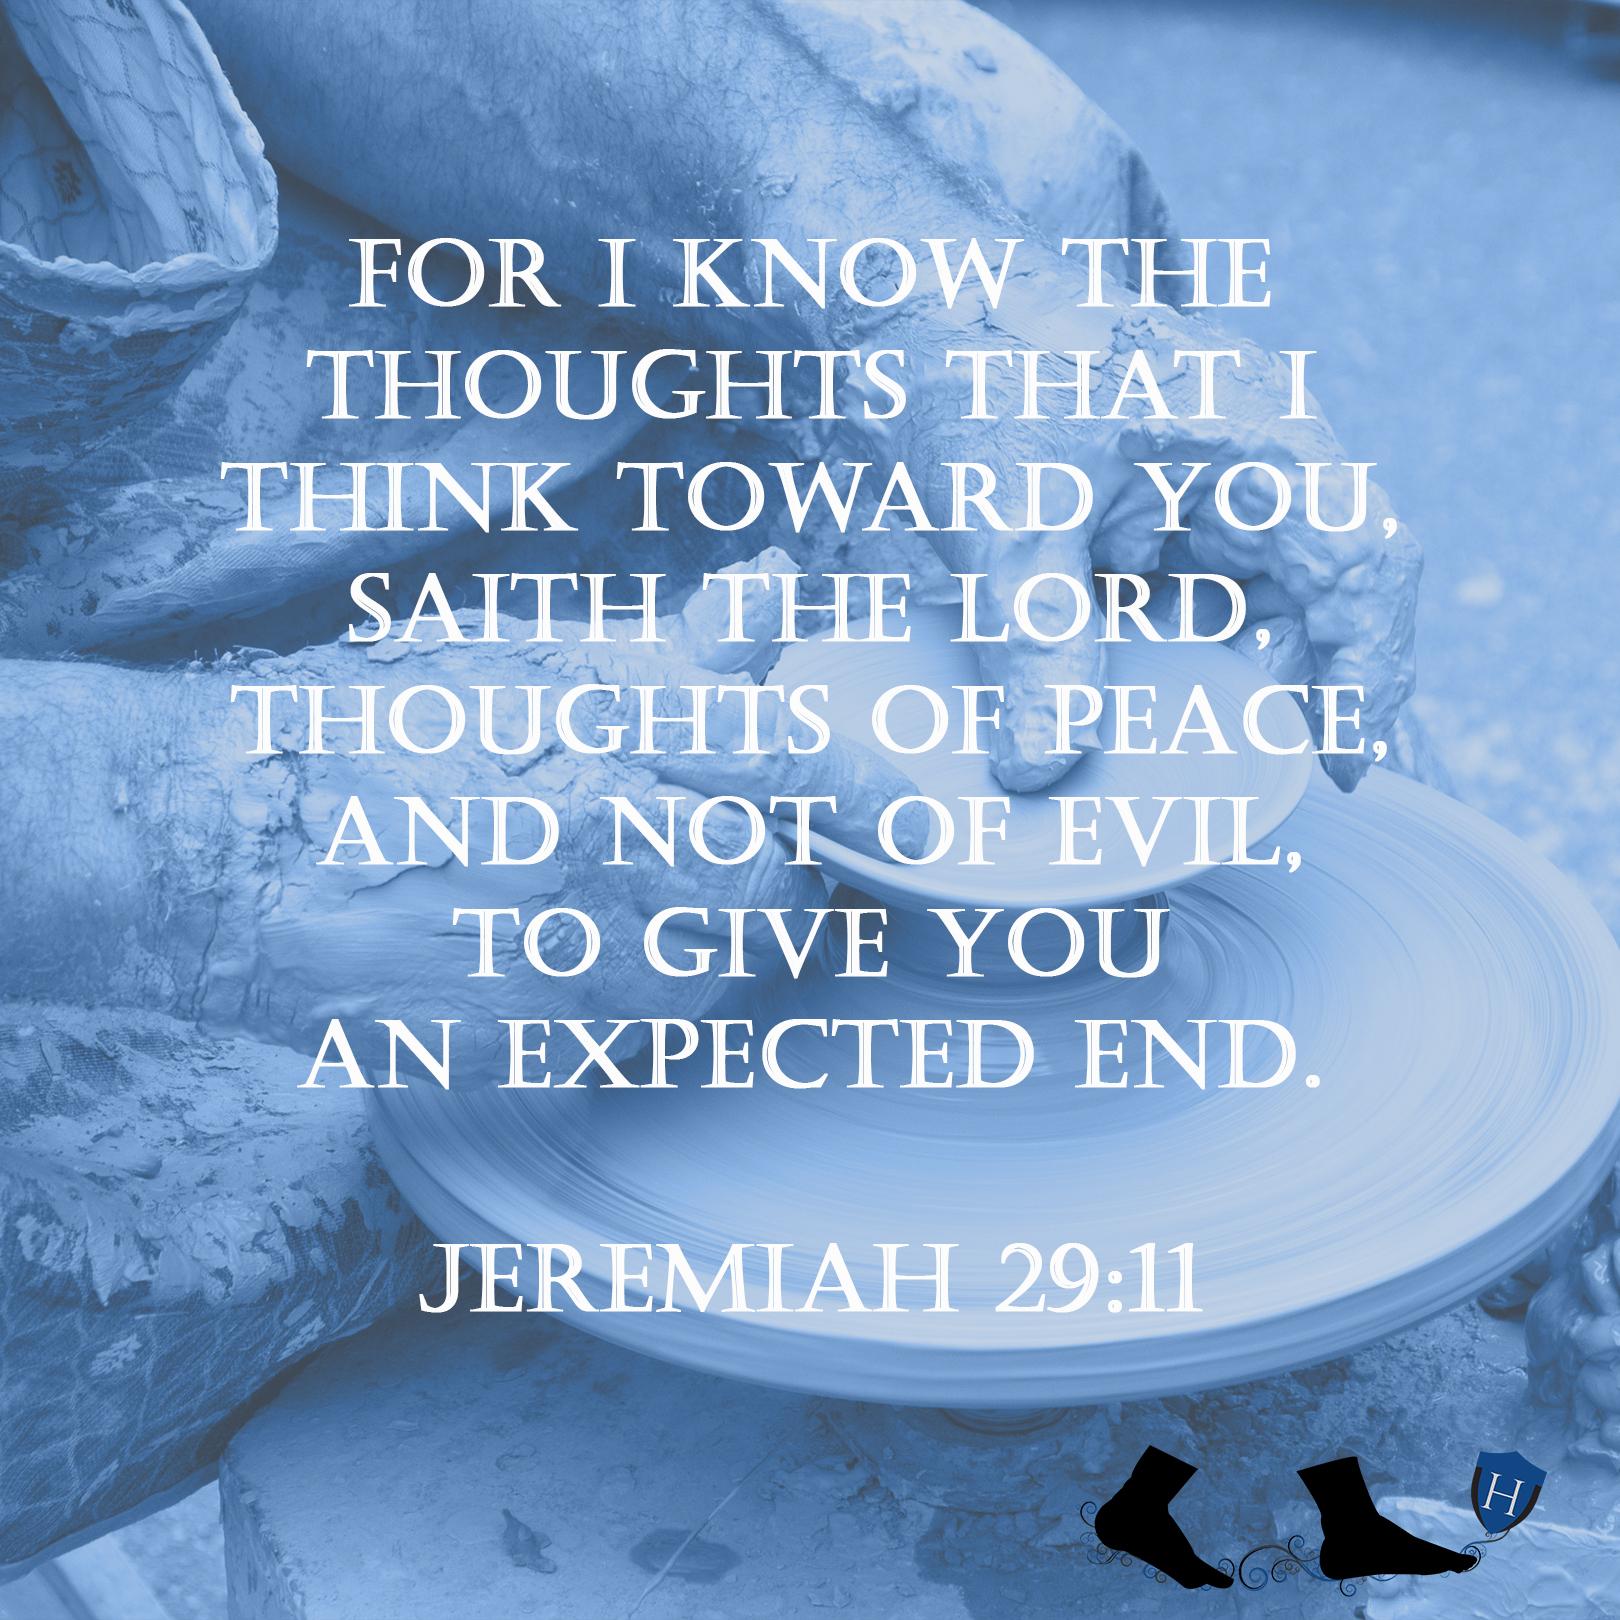 Jeremaih 29:11